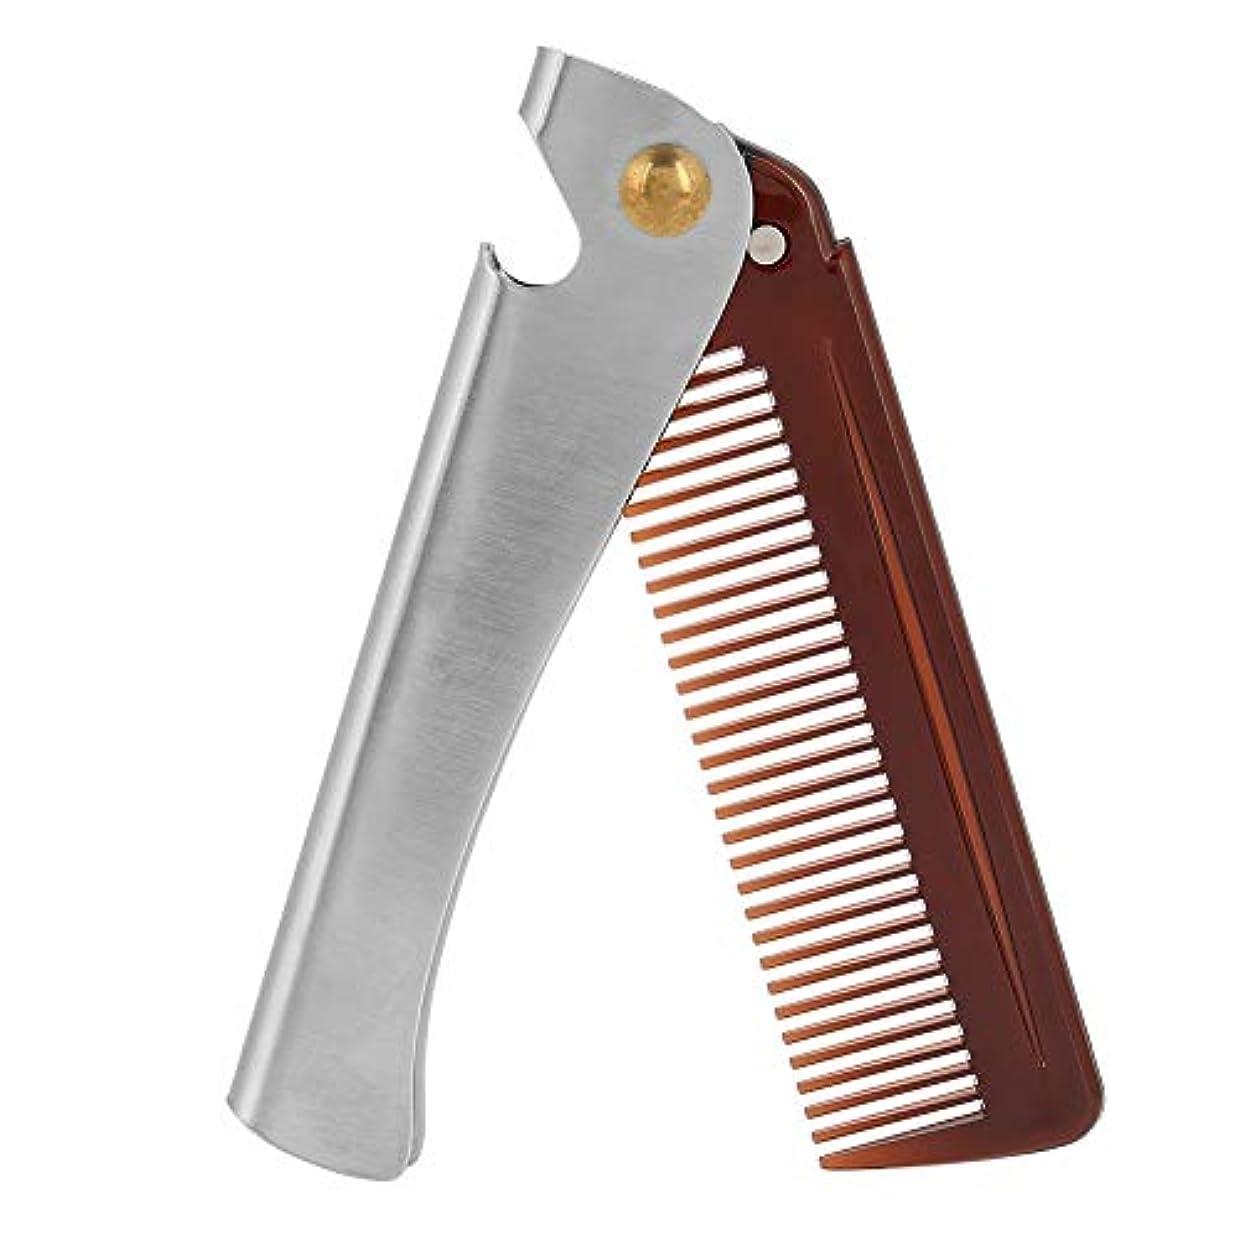 つかの間広まった拡大するステンレス製のひげの櫛の携帯用ステンレス製のひげの櫛の携帯用折りたたみ口ひげ用具の栓抜き